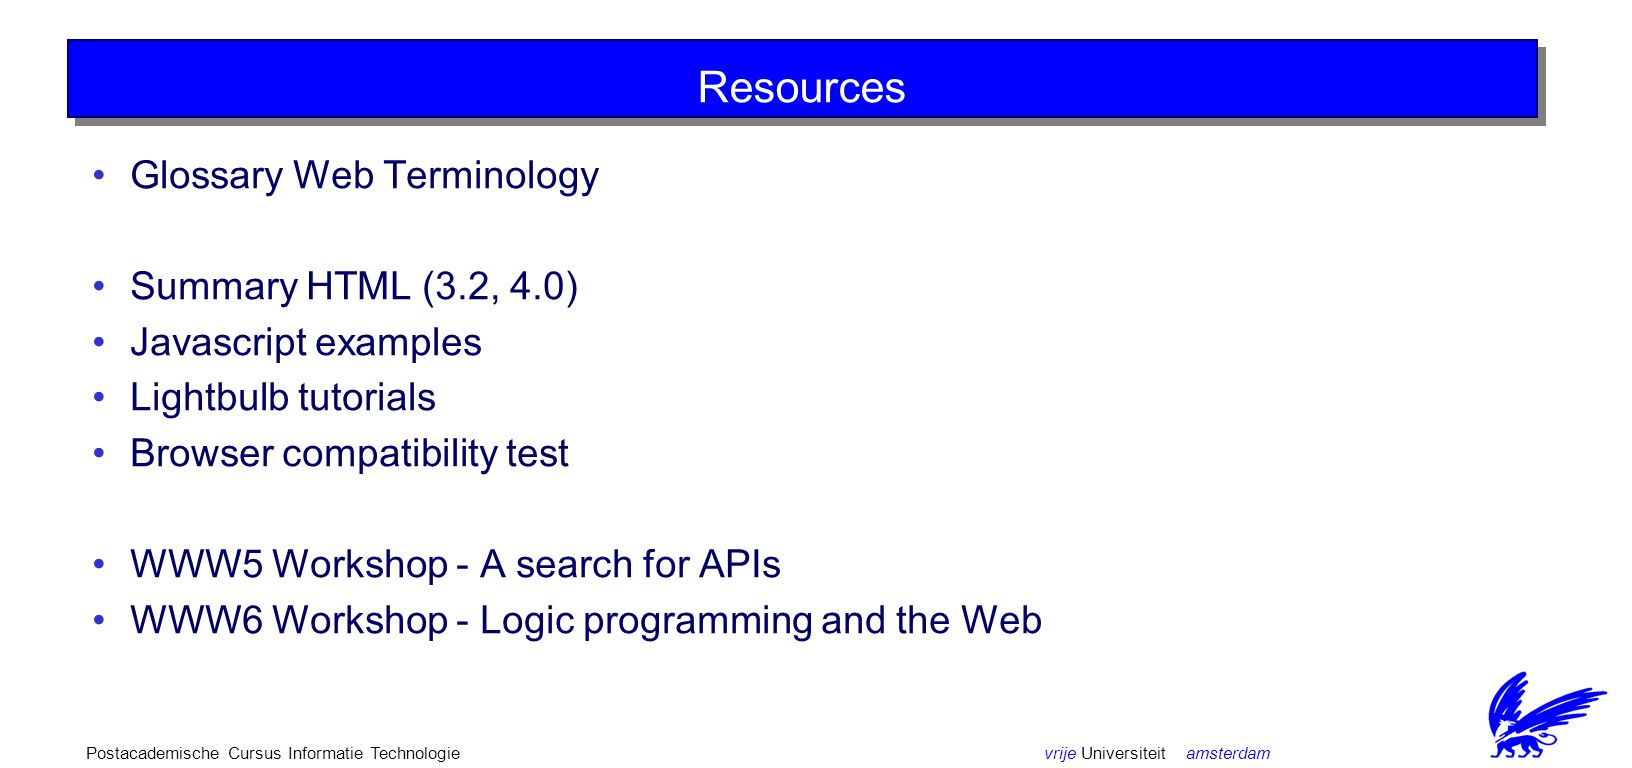 vrije Universiteit amsterdamPostacademische Cursus Informatie Technologie Course Material P.